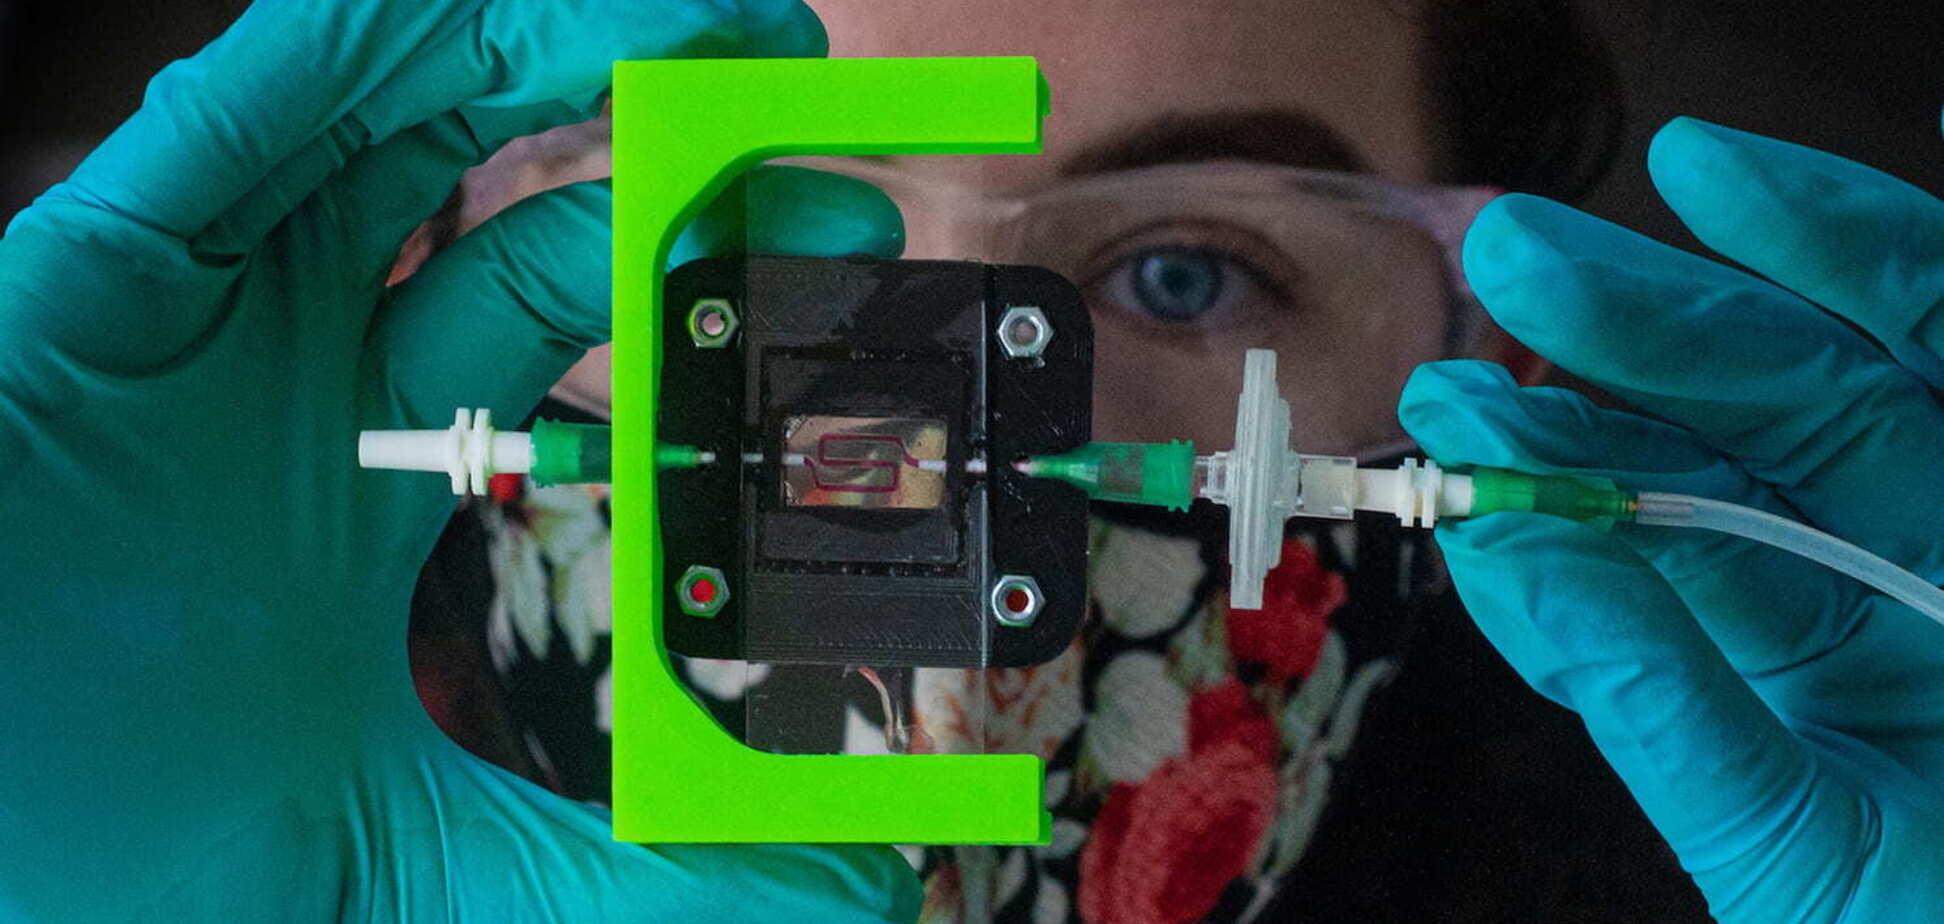 Вырабатывающий инсулин имплантат: надежда для диабетиков